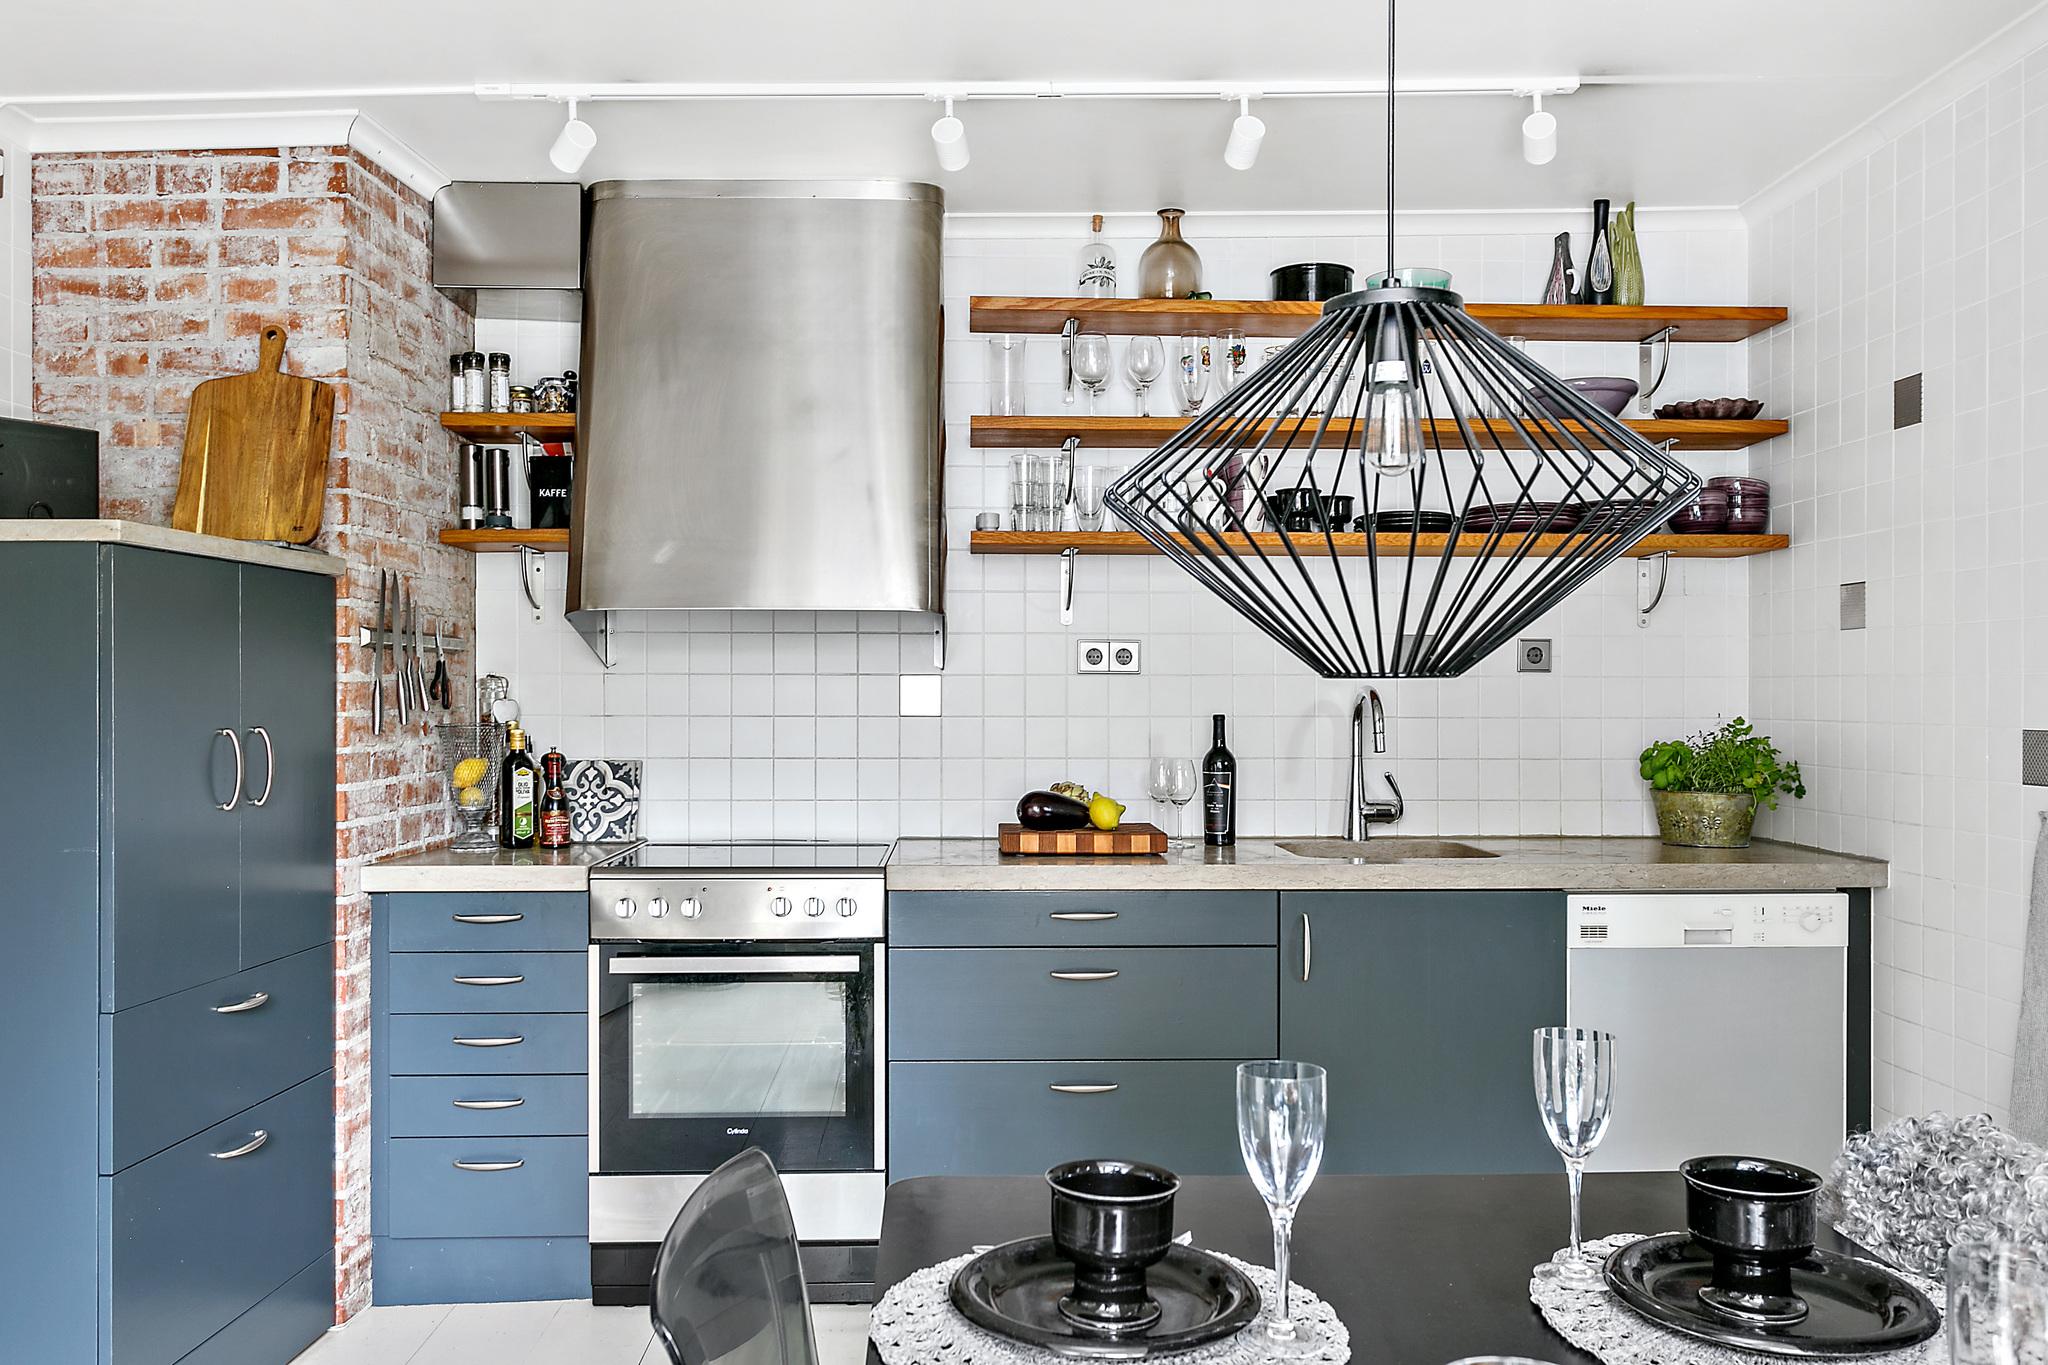 кухня кирпич белая плитка полки лампа вытяжка плита мойка